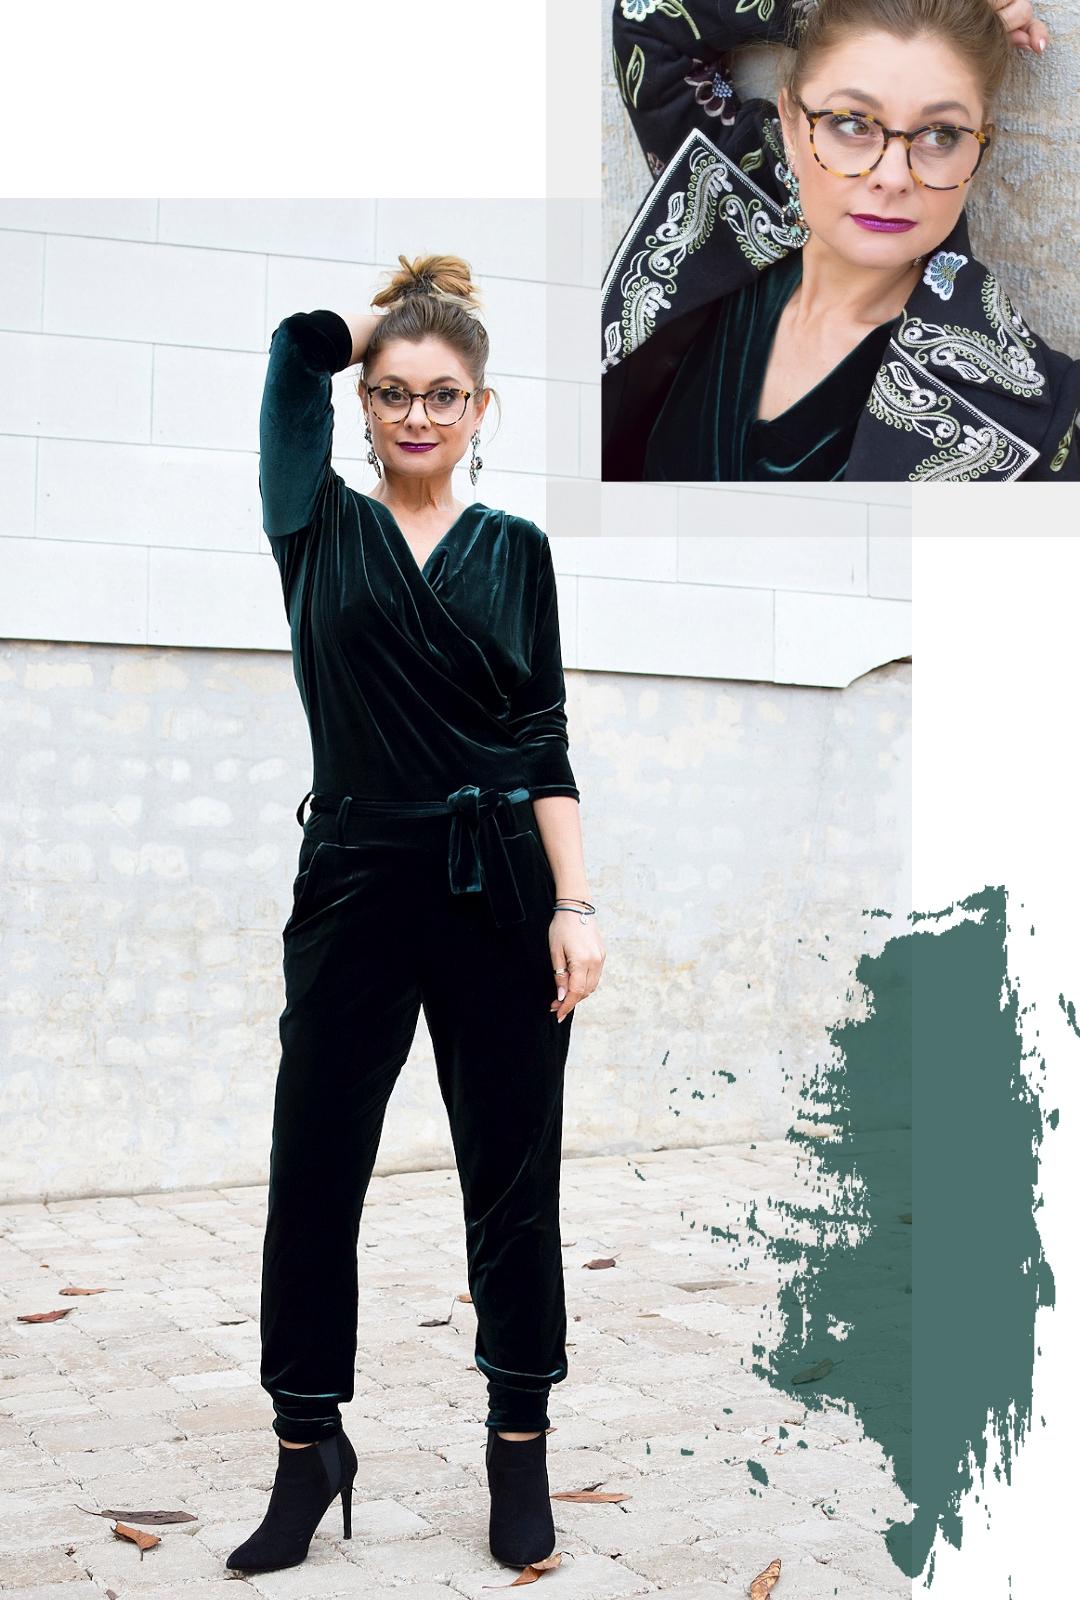 Das schönste Outfit zu Silvester, Tipps für ein Outfit an Silvester